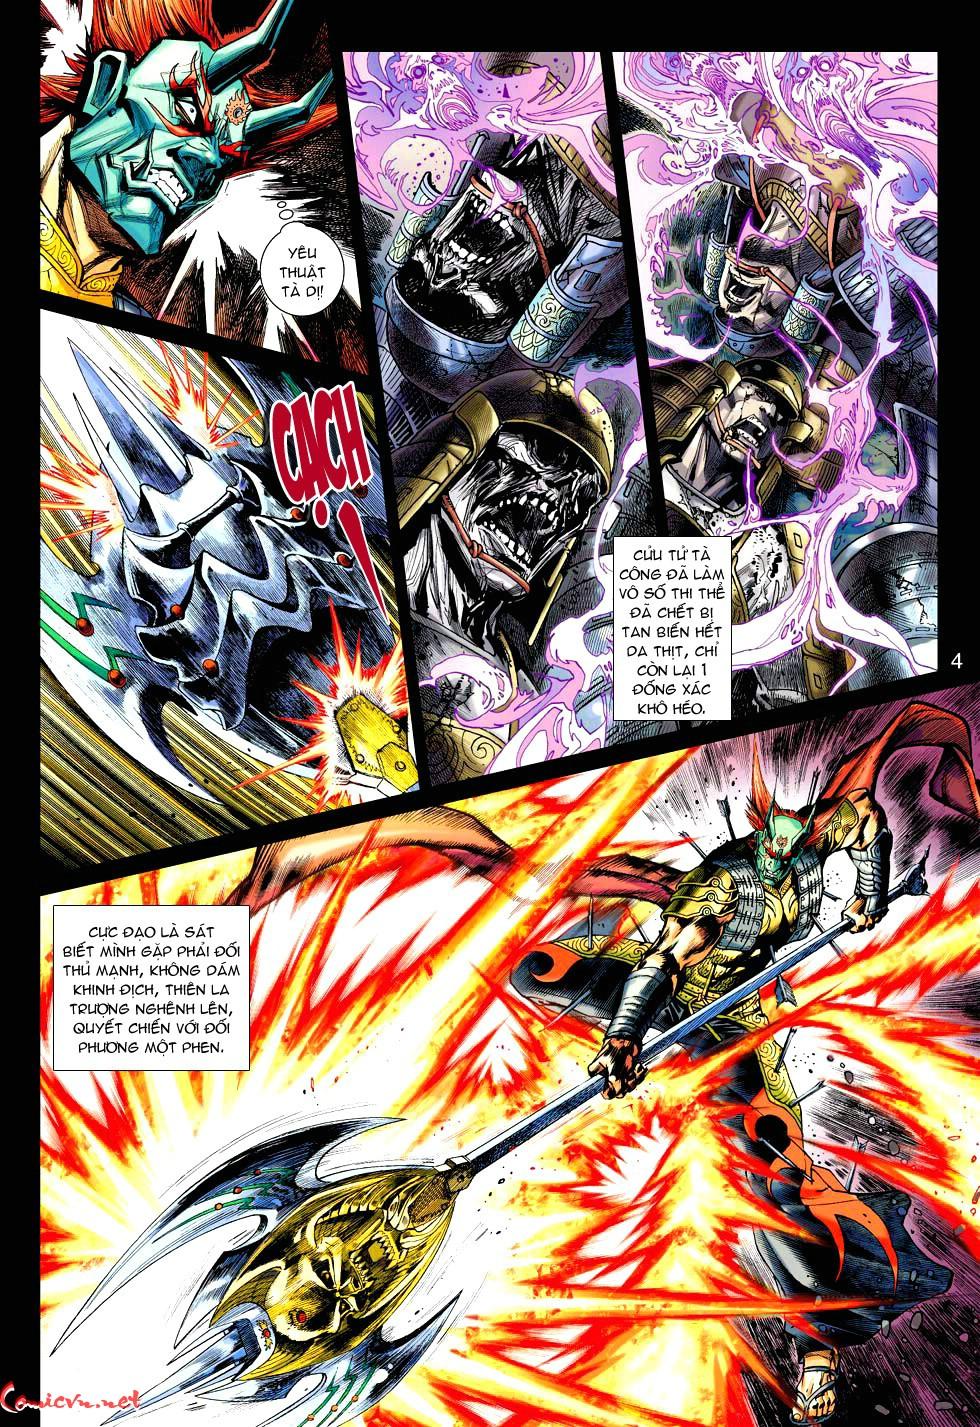 Vương Phong Lôi 1 chap 38 - Trang 4